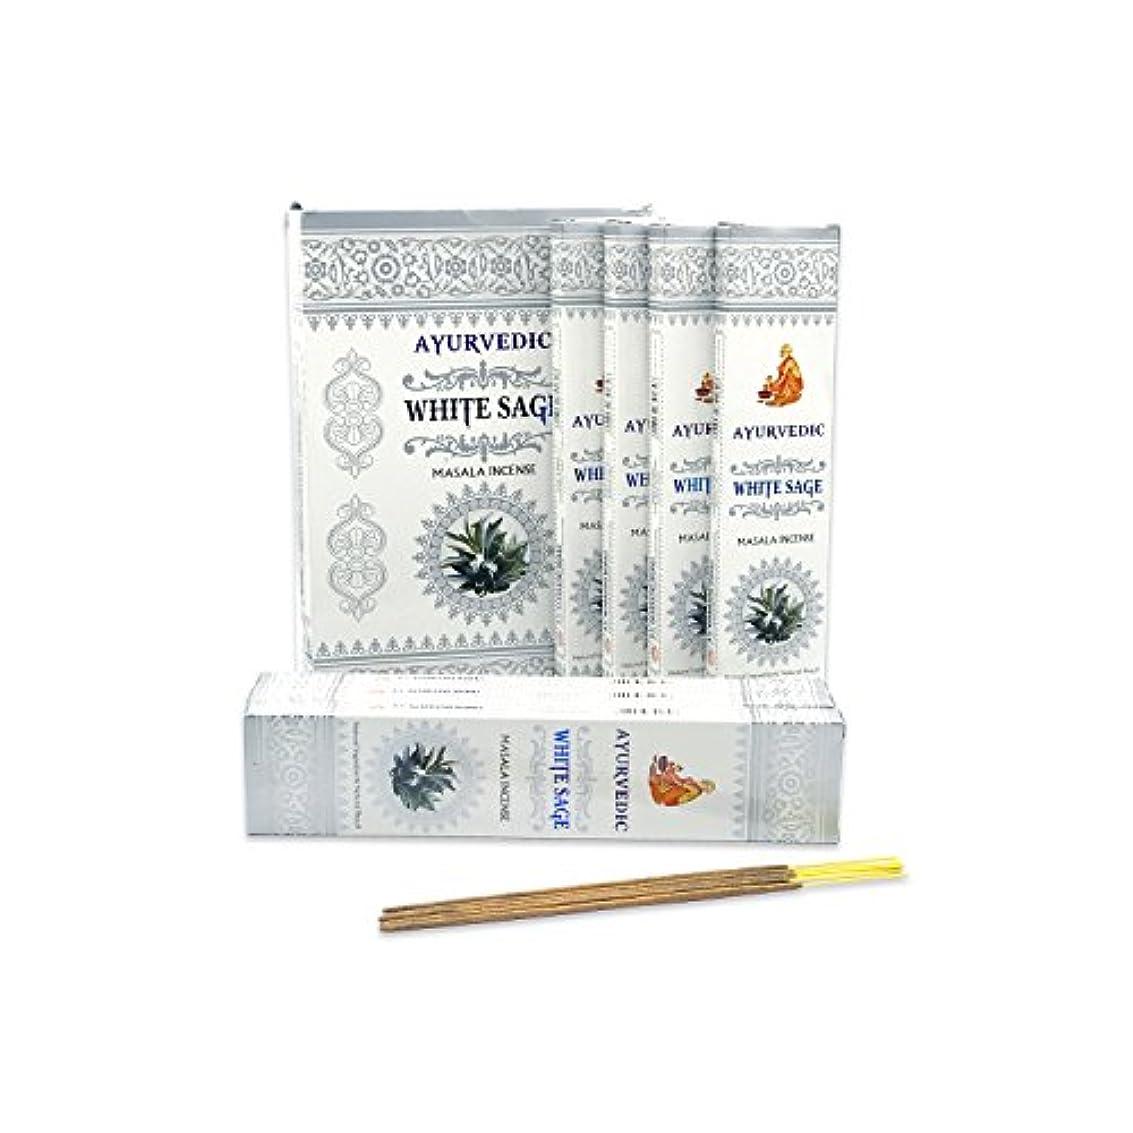 トリップ人生を作る衝動AyurvedicホワイトセージMasala Incense Sticks Agarbatti (12パックcontaining 15 sticks各)